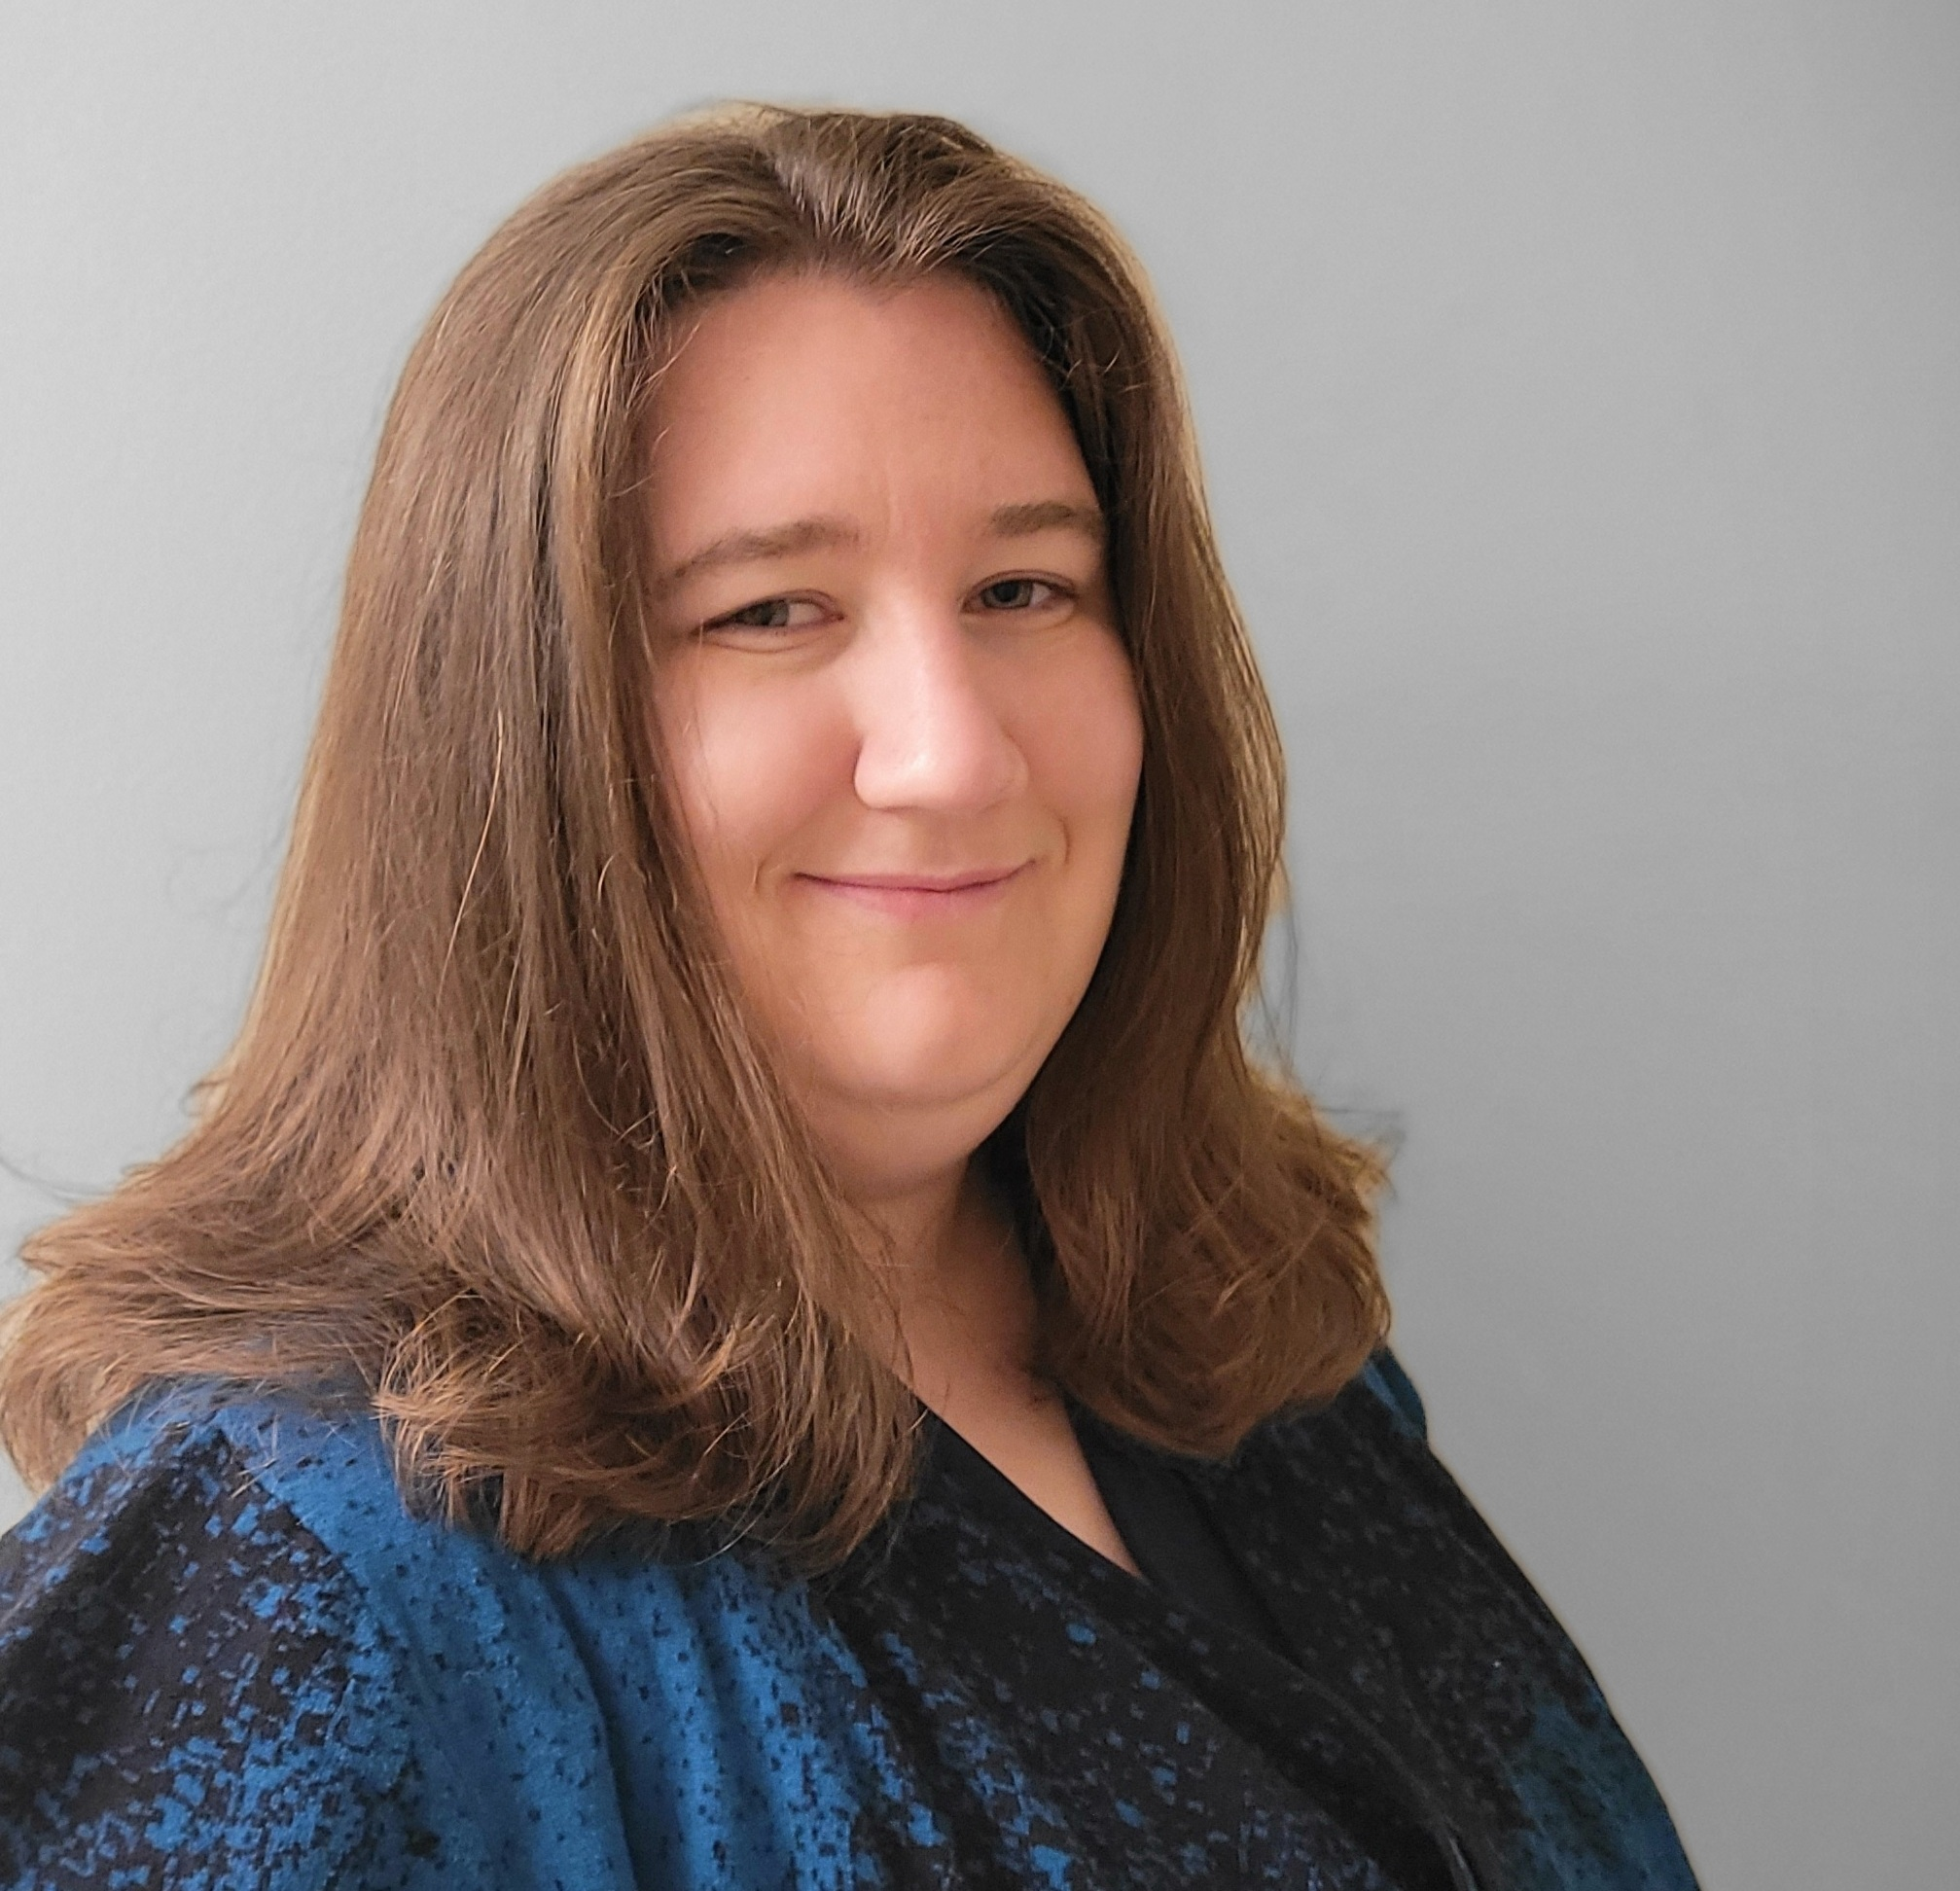 Employee Spotlight: Dr. Renee Sears, Clinical Genomics Specialist